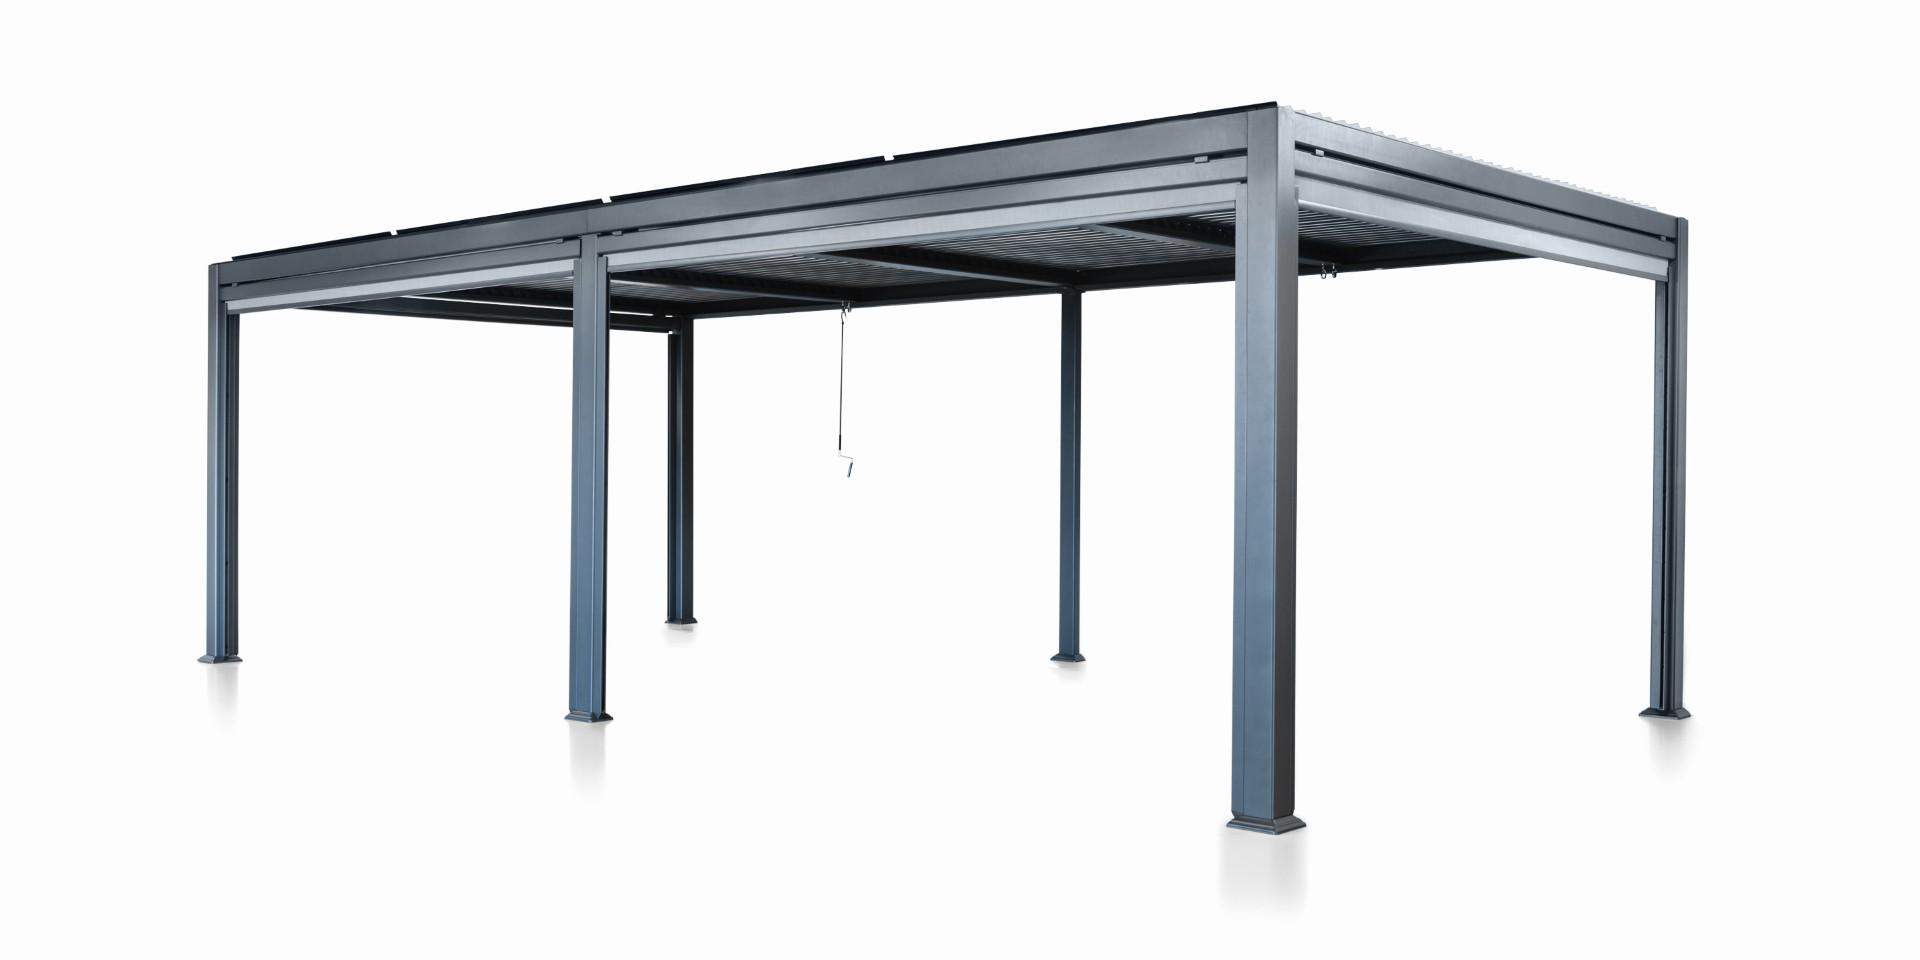 Patio Cover 3.5 bij 7.2 meter Antraciet Overkapping